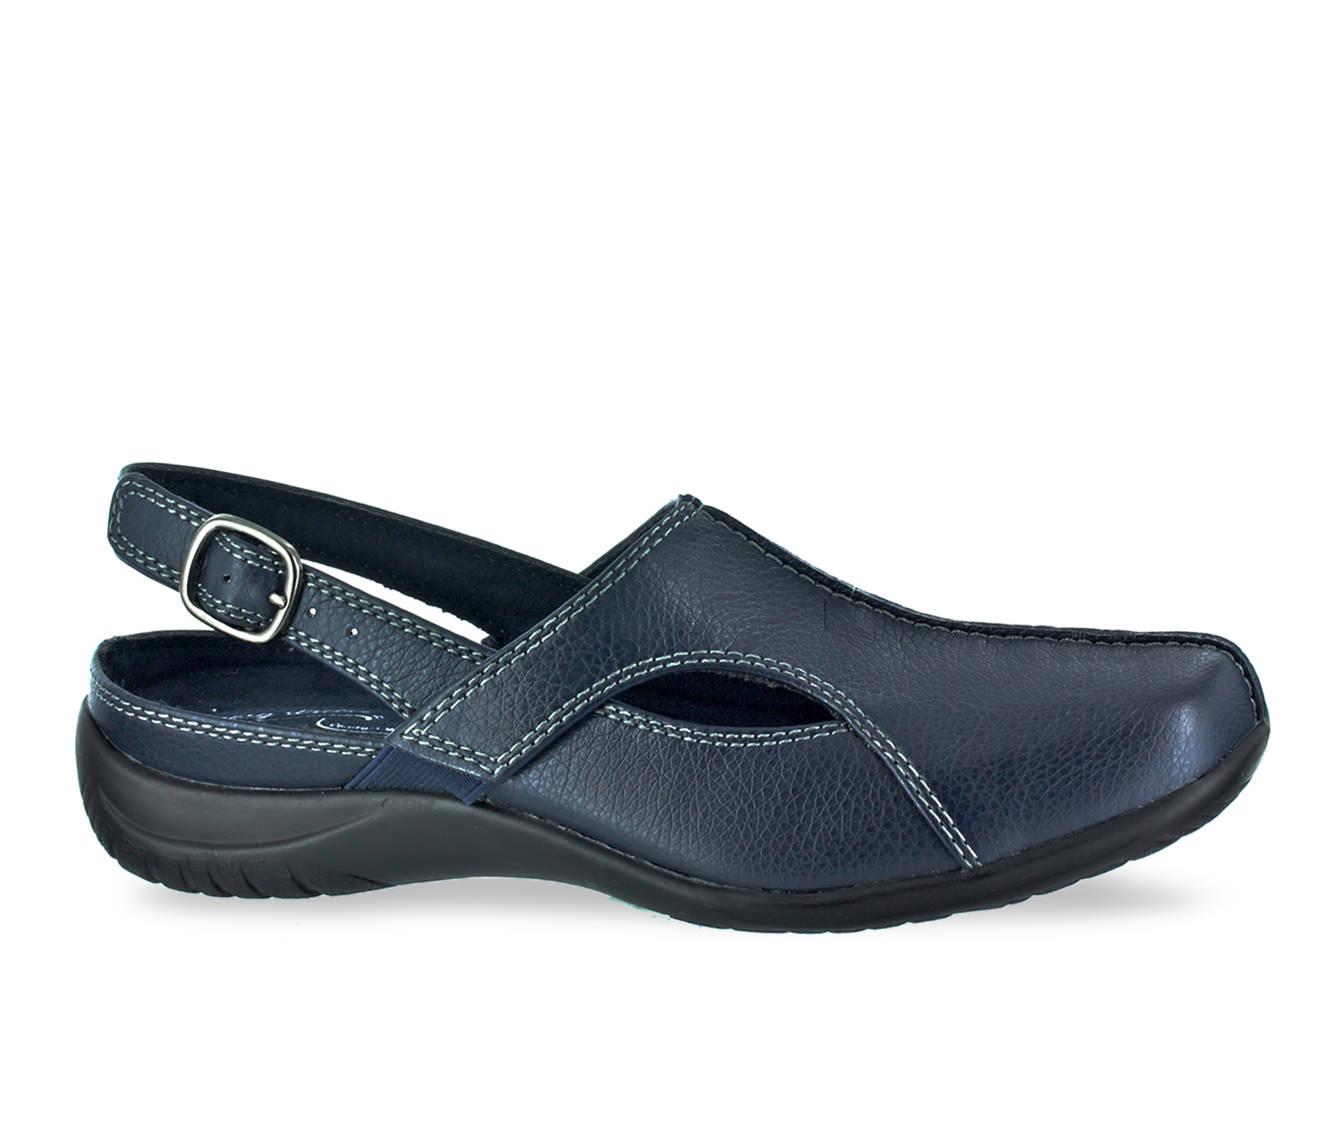 Easy Street Sportser Women's Shoe (Blue Faux Leather)